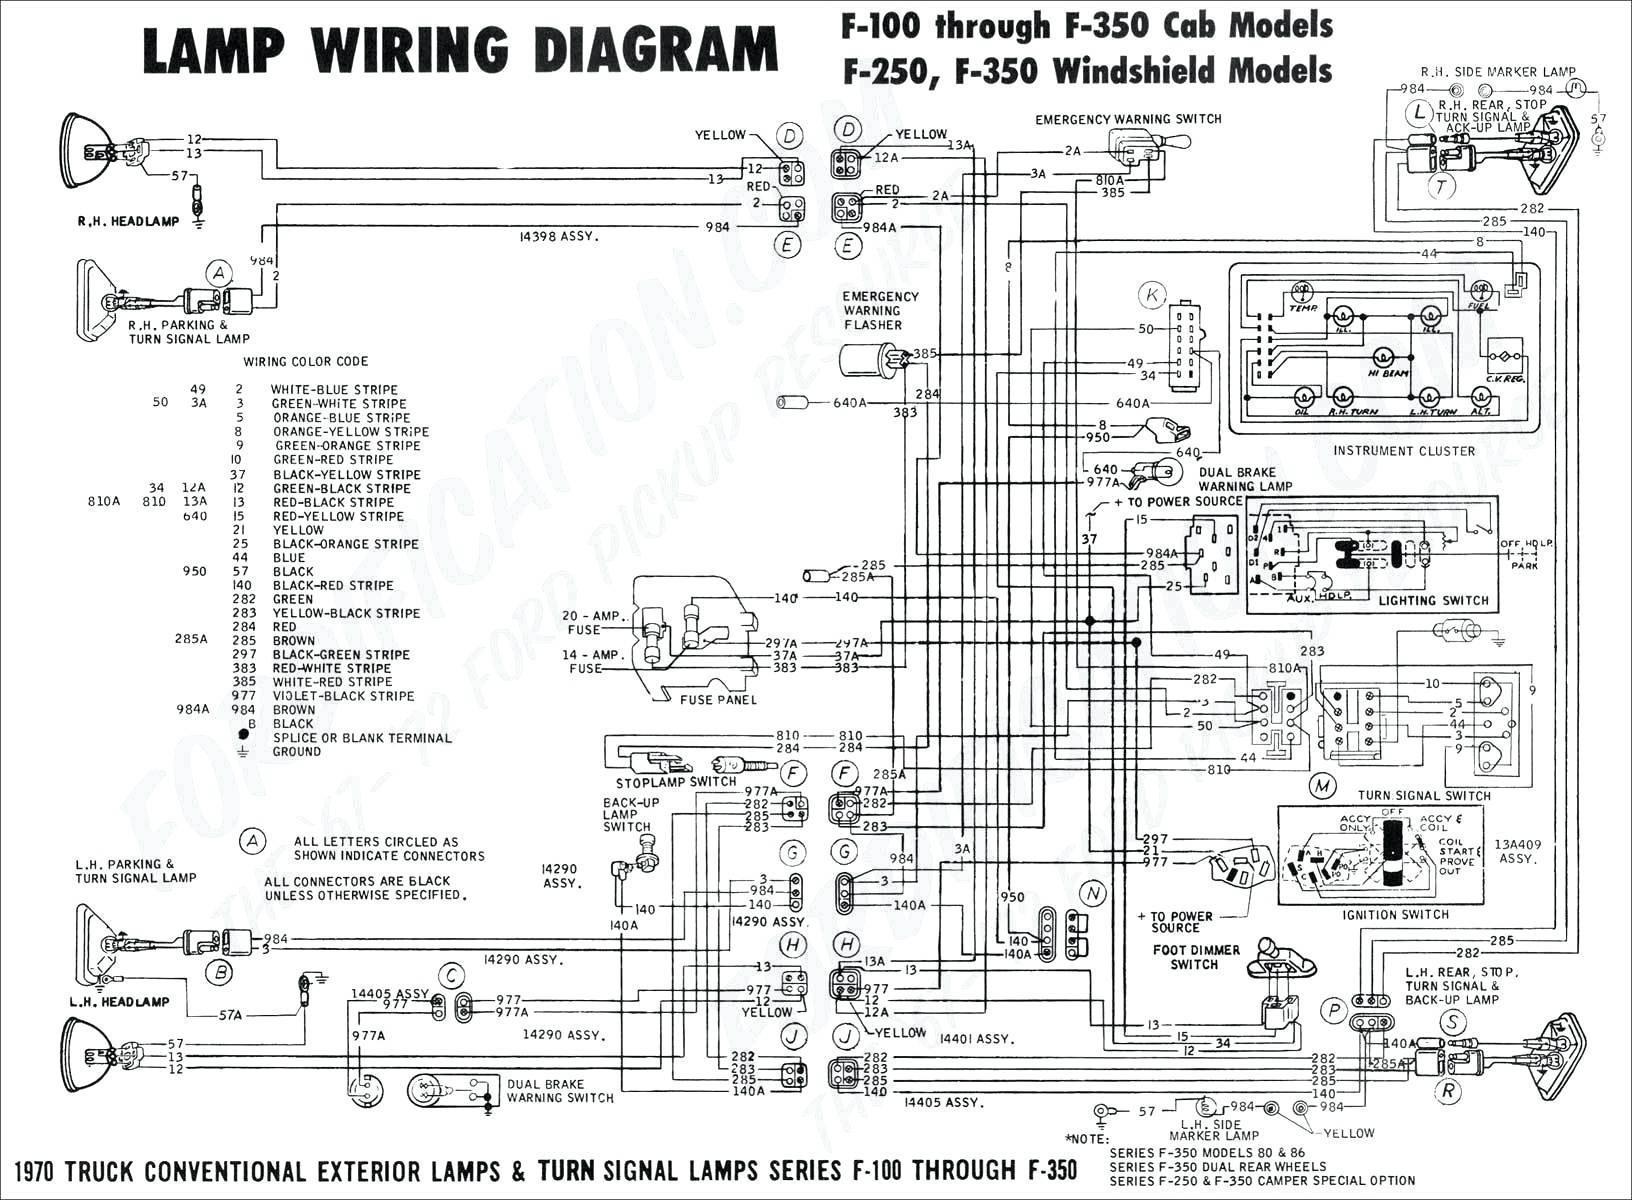 Simple Motorcycle Wiring Diagram Honda Beat Motorcycle Wiring Diagram Refrence Honda Beat Motorcycle Of Simple Motorcycle Wiring Diagram